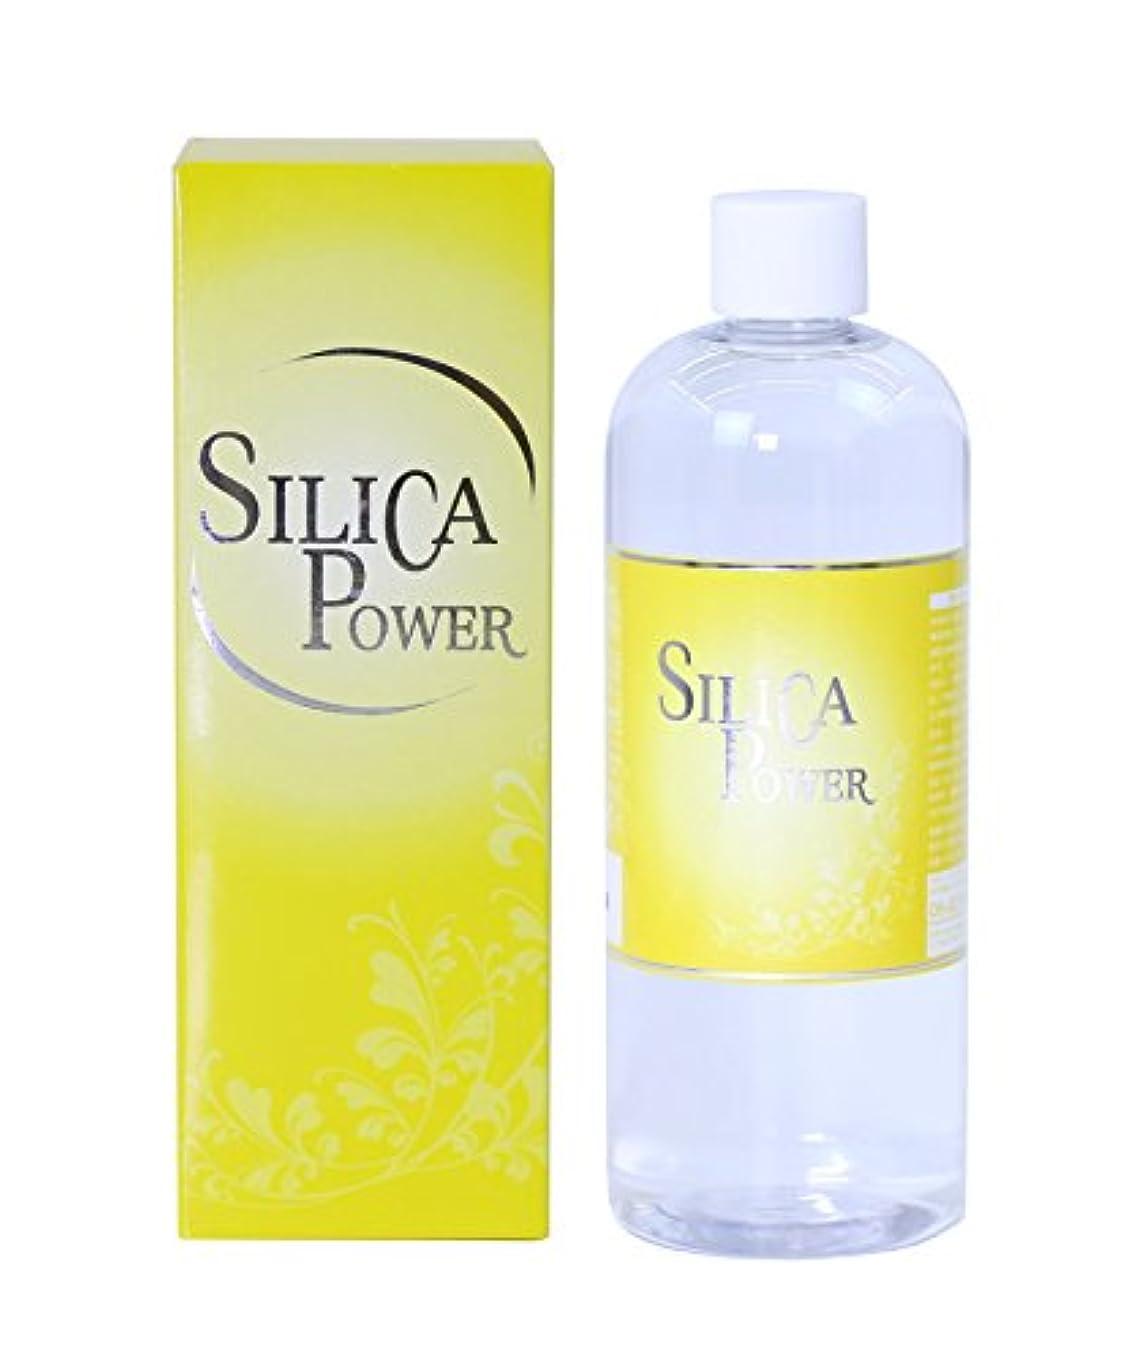 ご意見トークン悲惨SILICA POWER シリカパワー 水溶性珪素 500ml